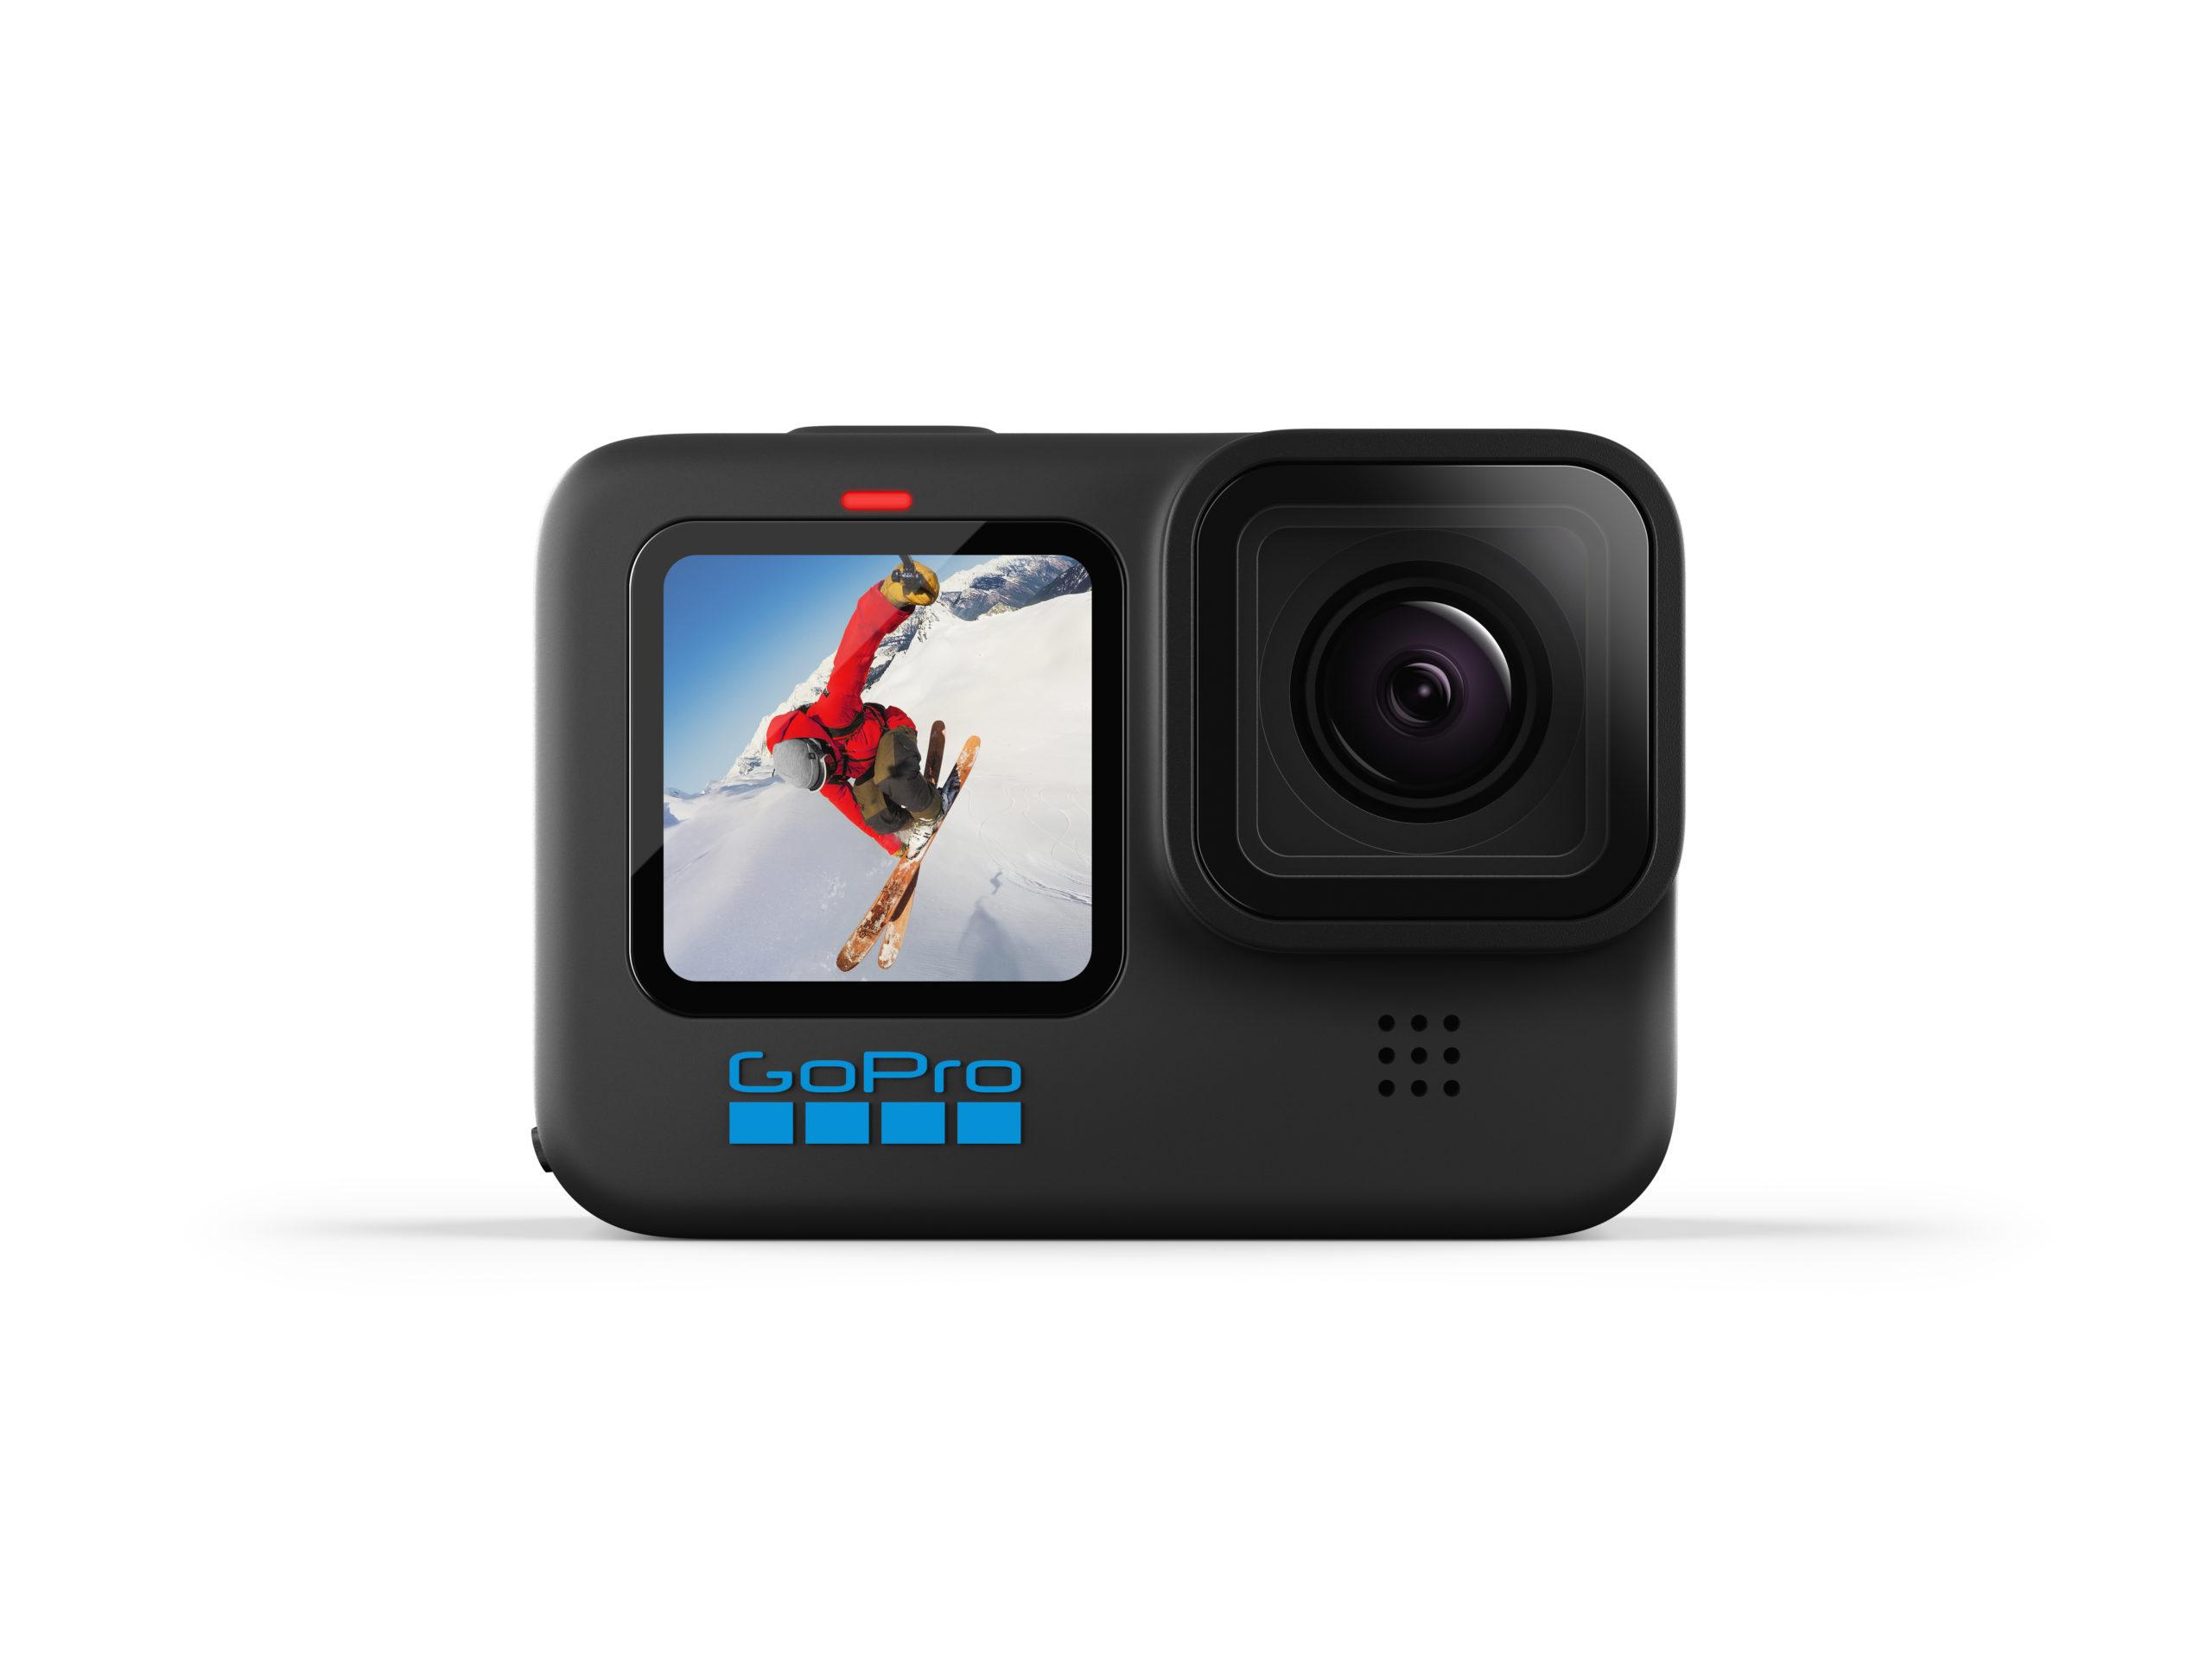 מבצע השקה  מטורף מצלמת אקסטרים GoPro HERO 10 Black